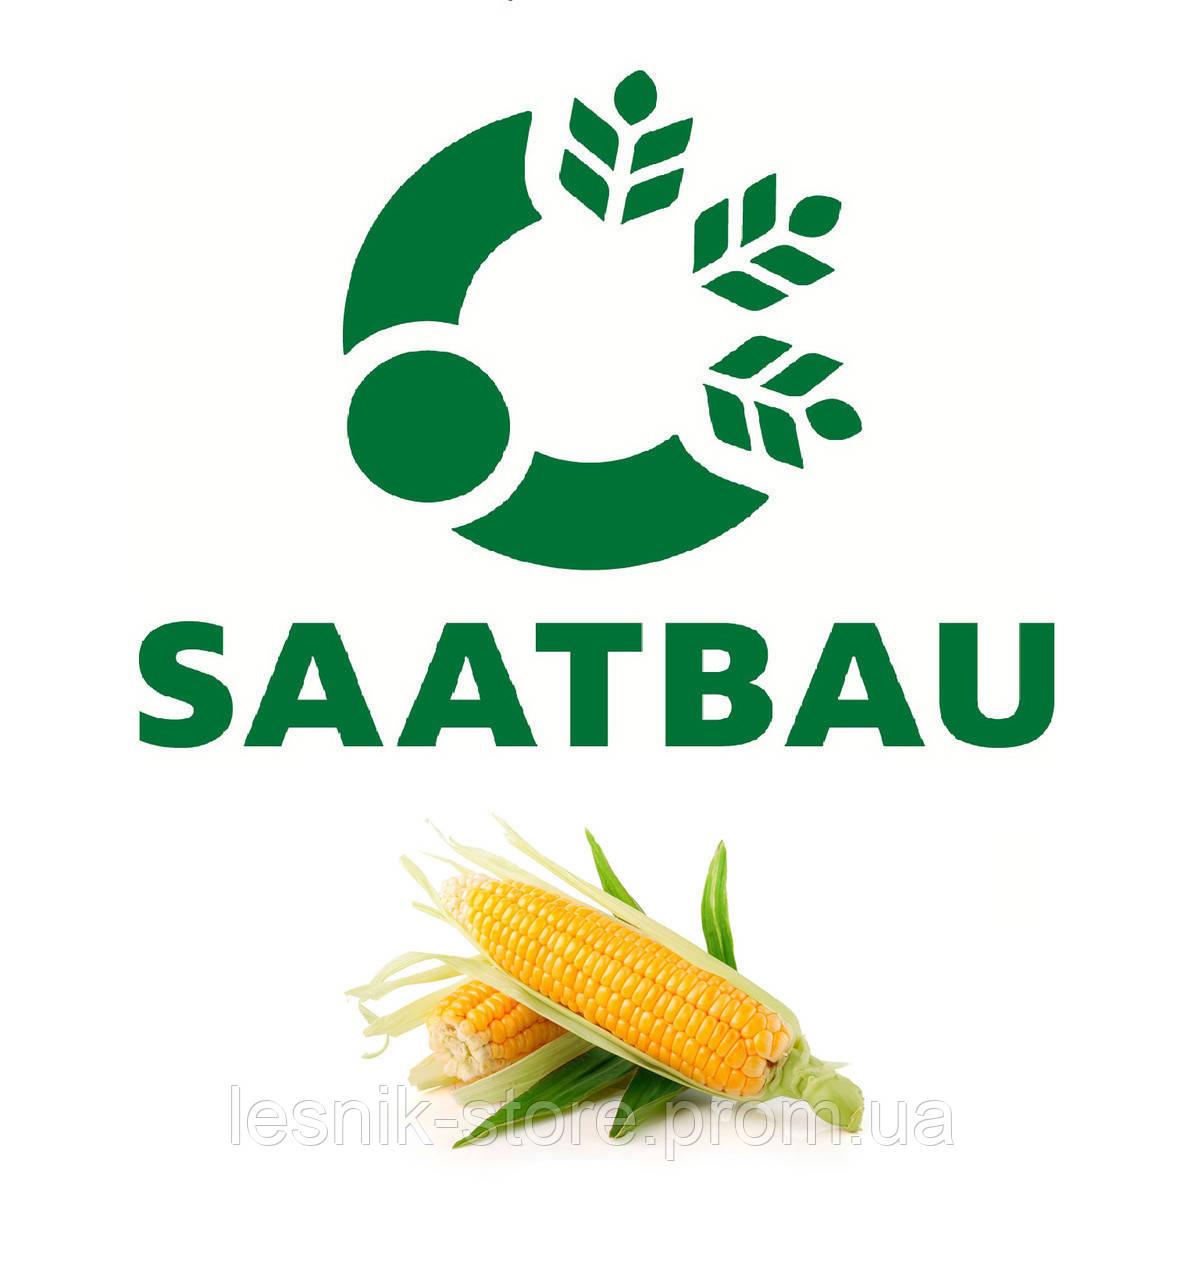 Семена кукурузы, Saatbau, Rizzo